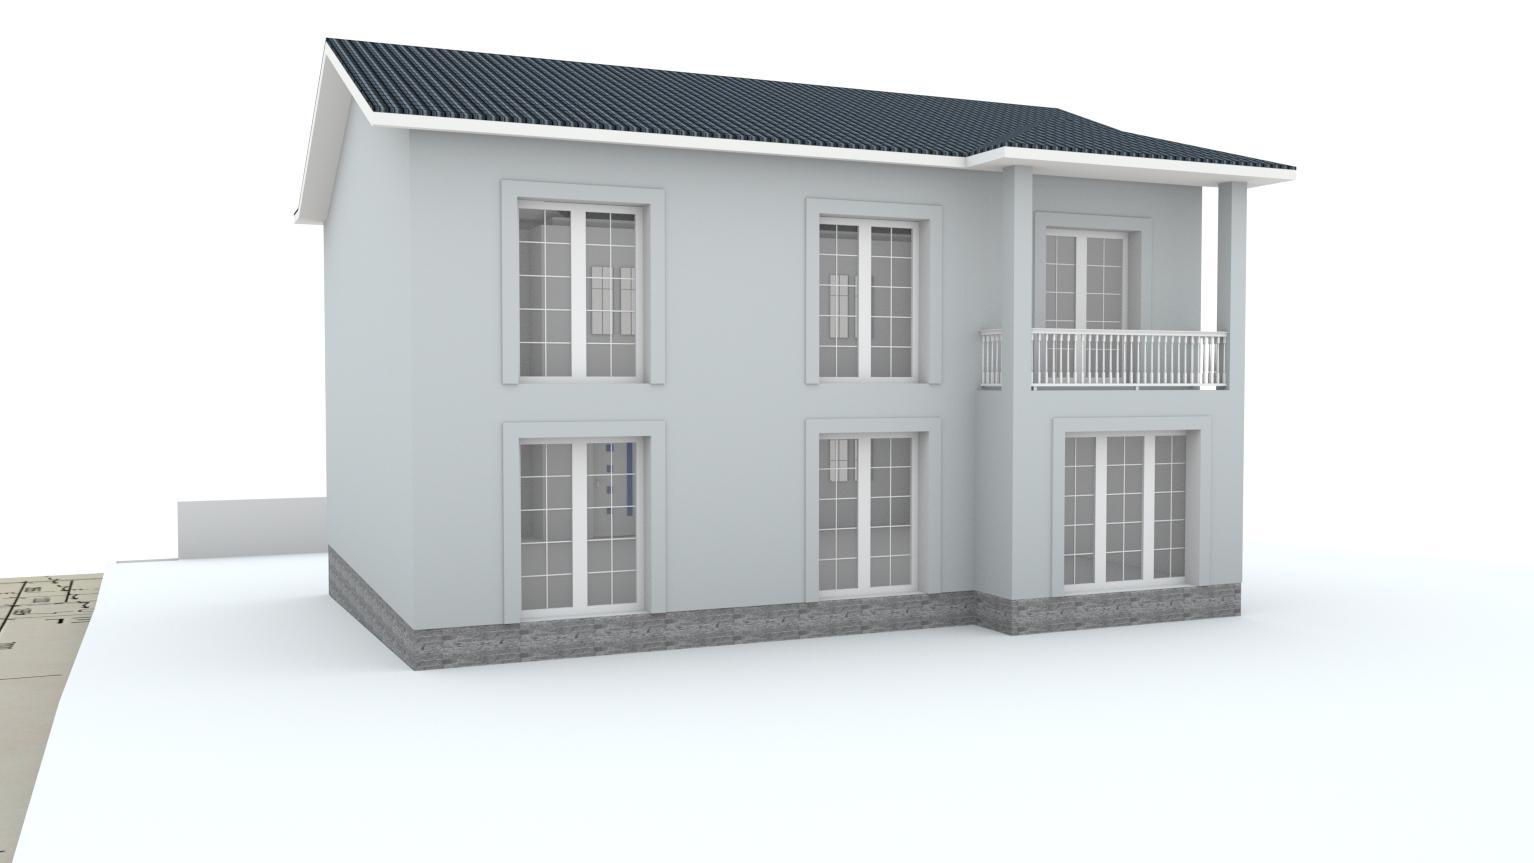 Návrh fasády rodinného domu Bratislava - Obrázok č. 16